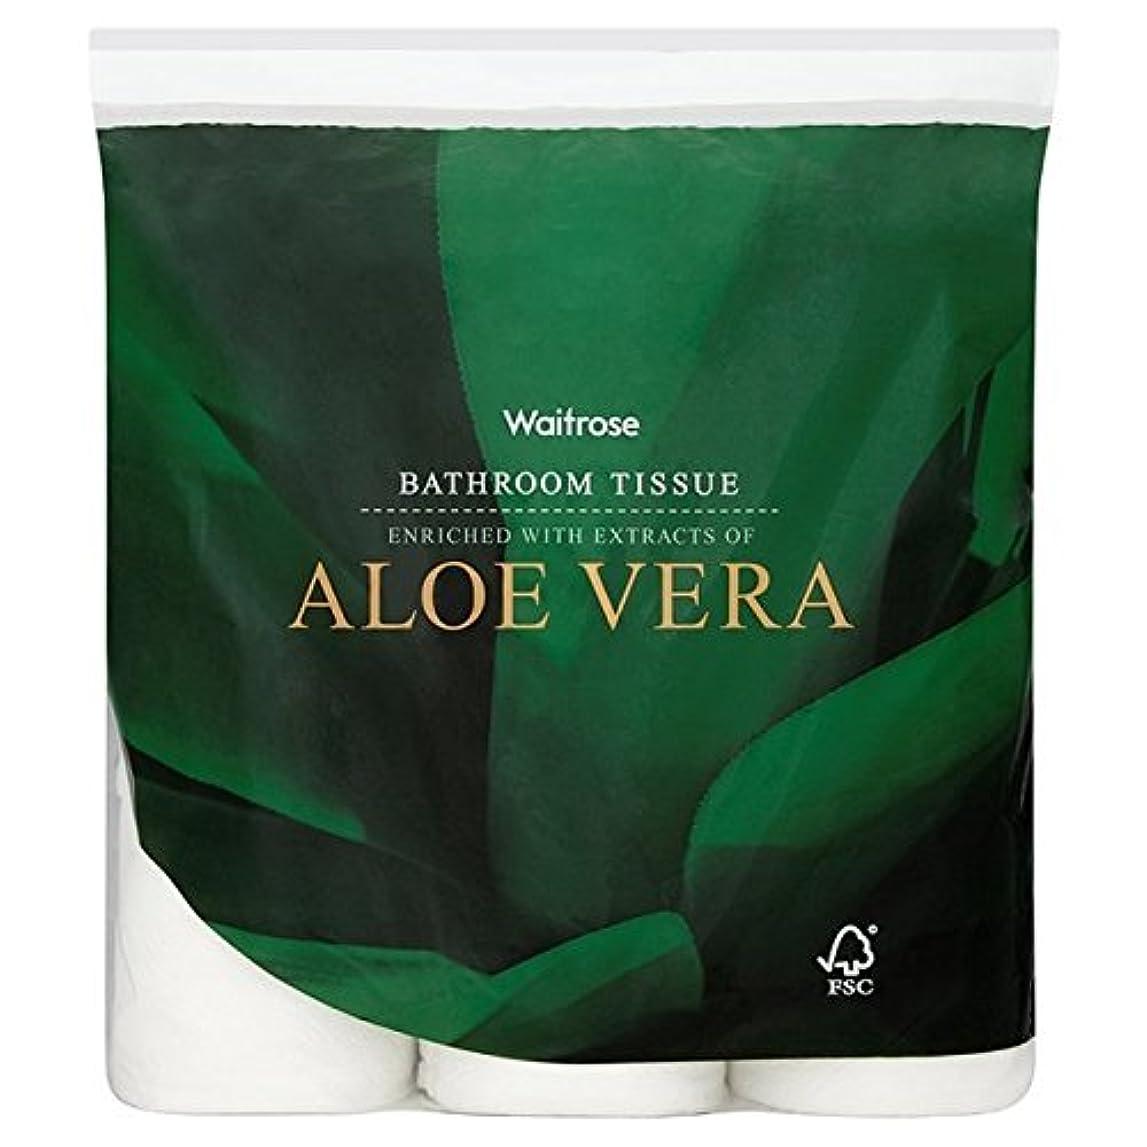 祝福する電気グループパックあたりアロエベラ浴室組織白ウェイトローズ9 x2 - Aloe Vera Bathroom Tissue White Waitrose 9 per pack (Pack of 2) [並行輸入品]